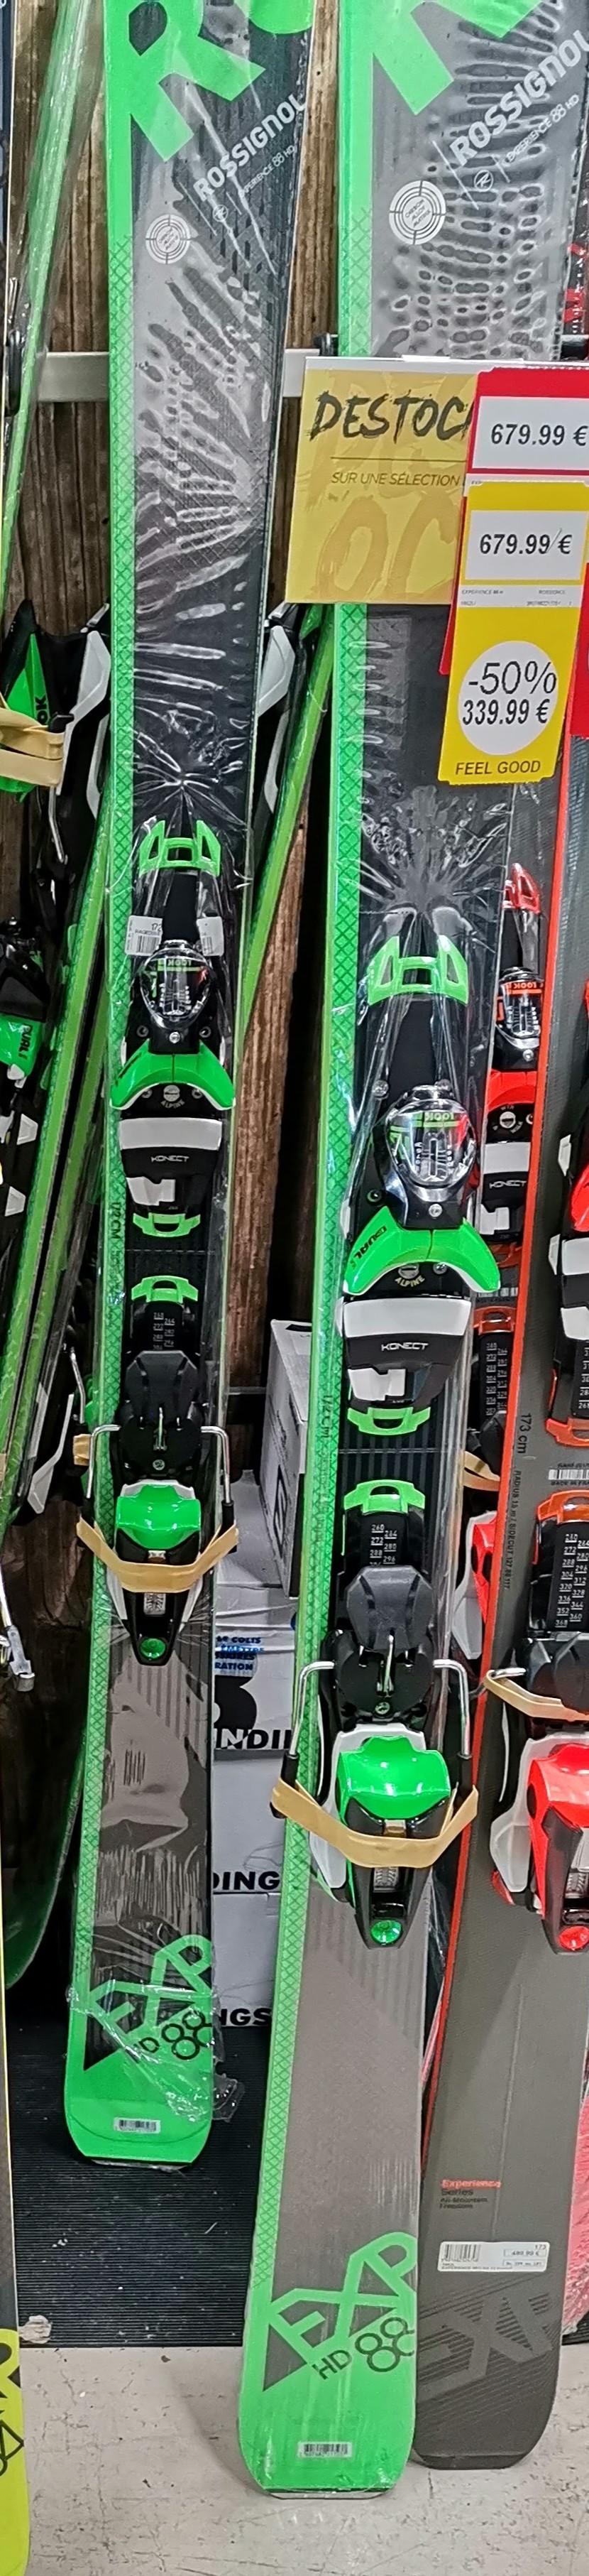 Paire de Skis Rossignol Exp 88 - Échirolles Comboire (38)